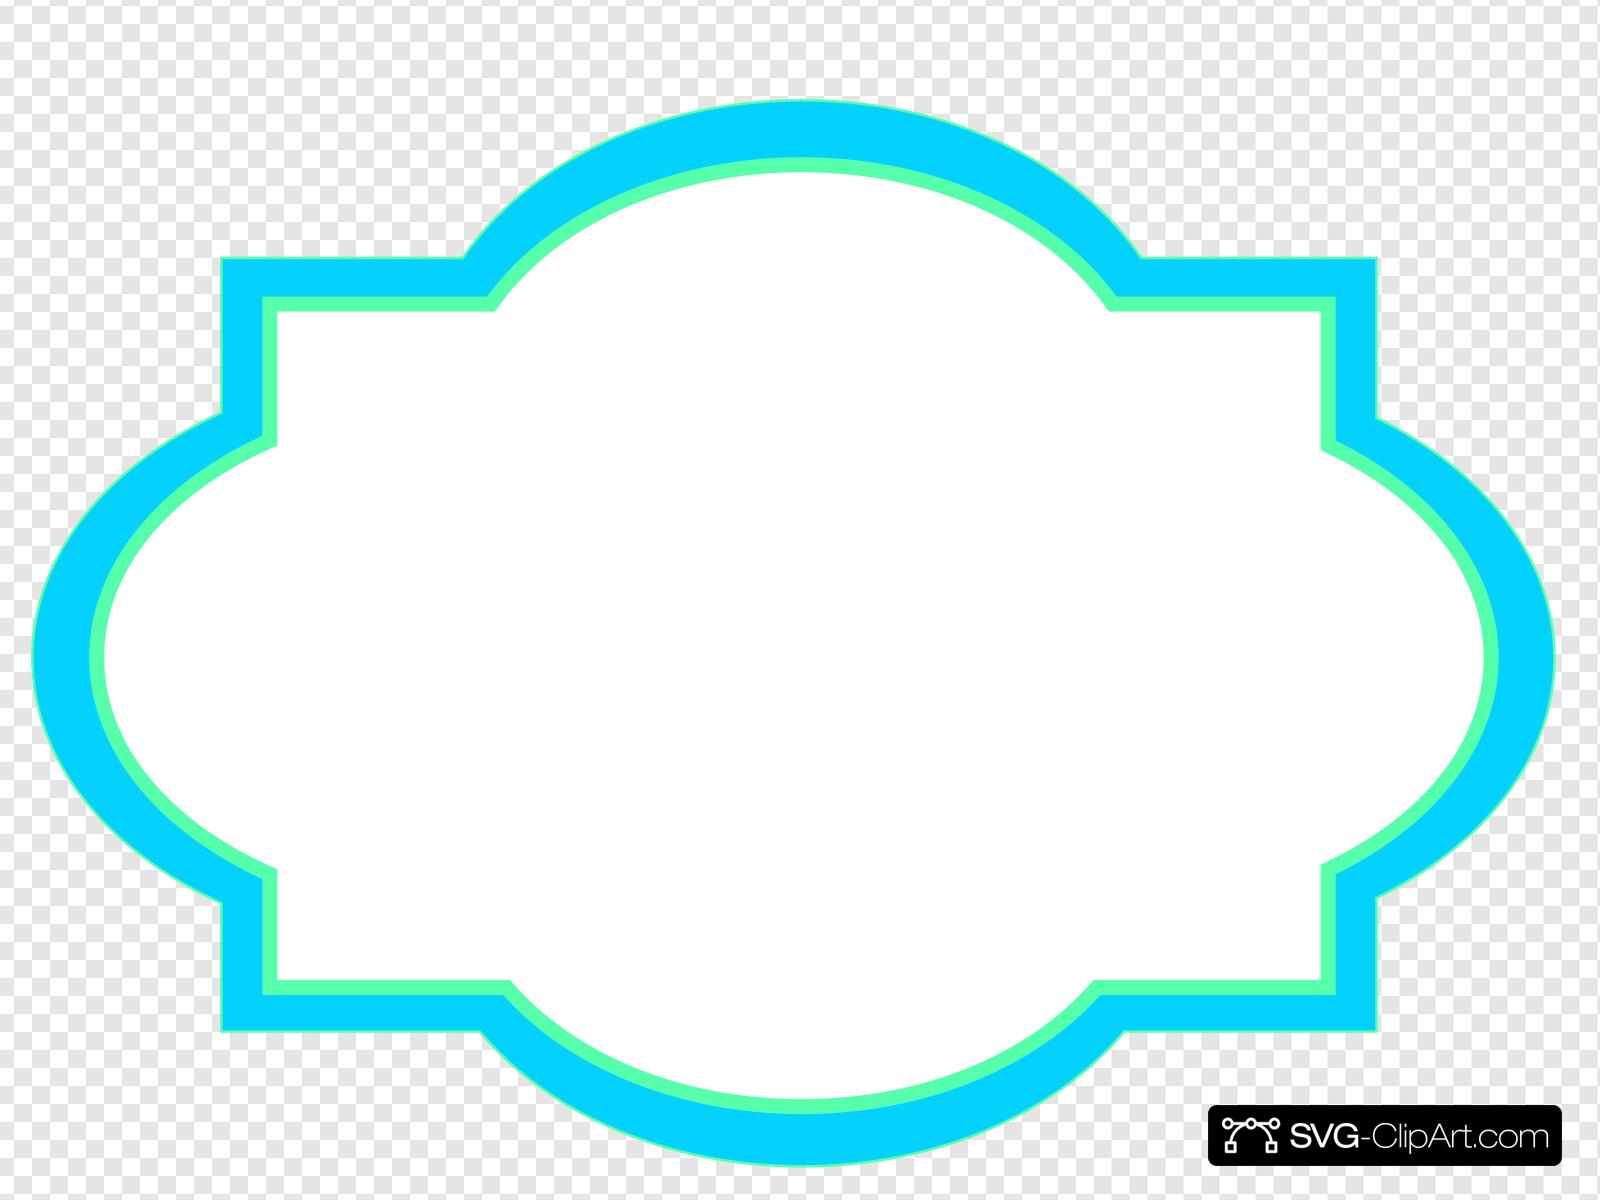 Decorative Invite Frame Clip art, Icon and SVG.